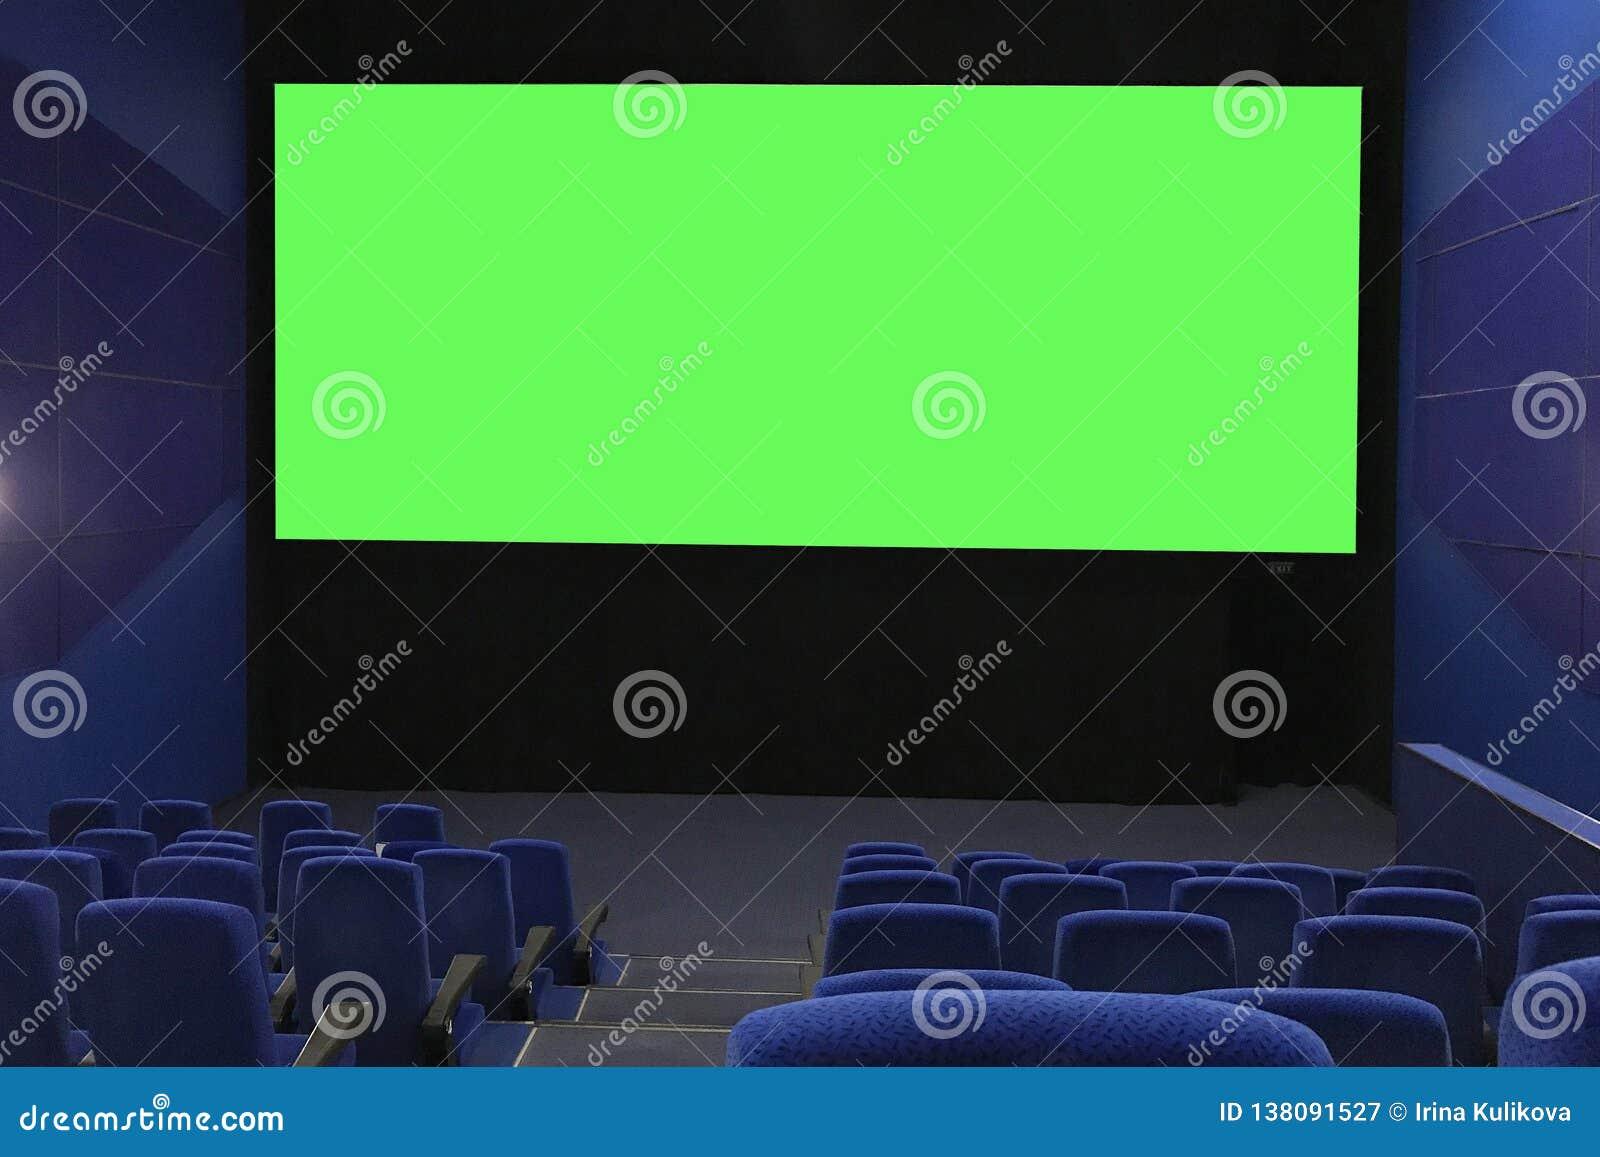 Ansicht der leeren Kinohalle und des großen grünen Schirmes von den oberen Reihen Kino mit Reihen von blauen Stühlen